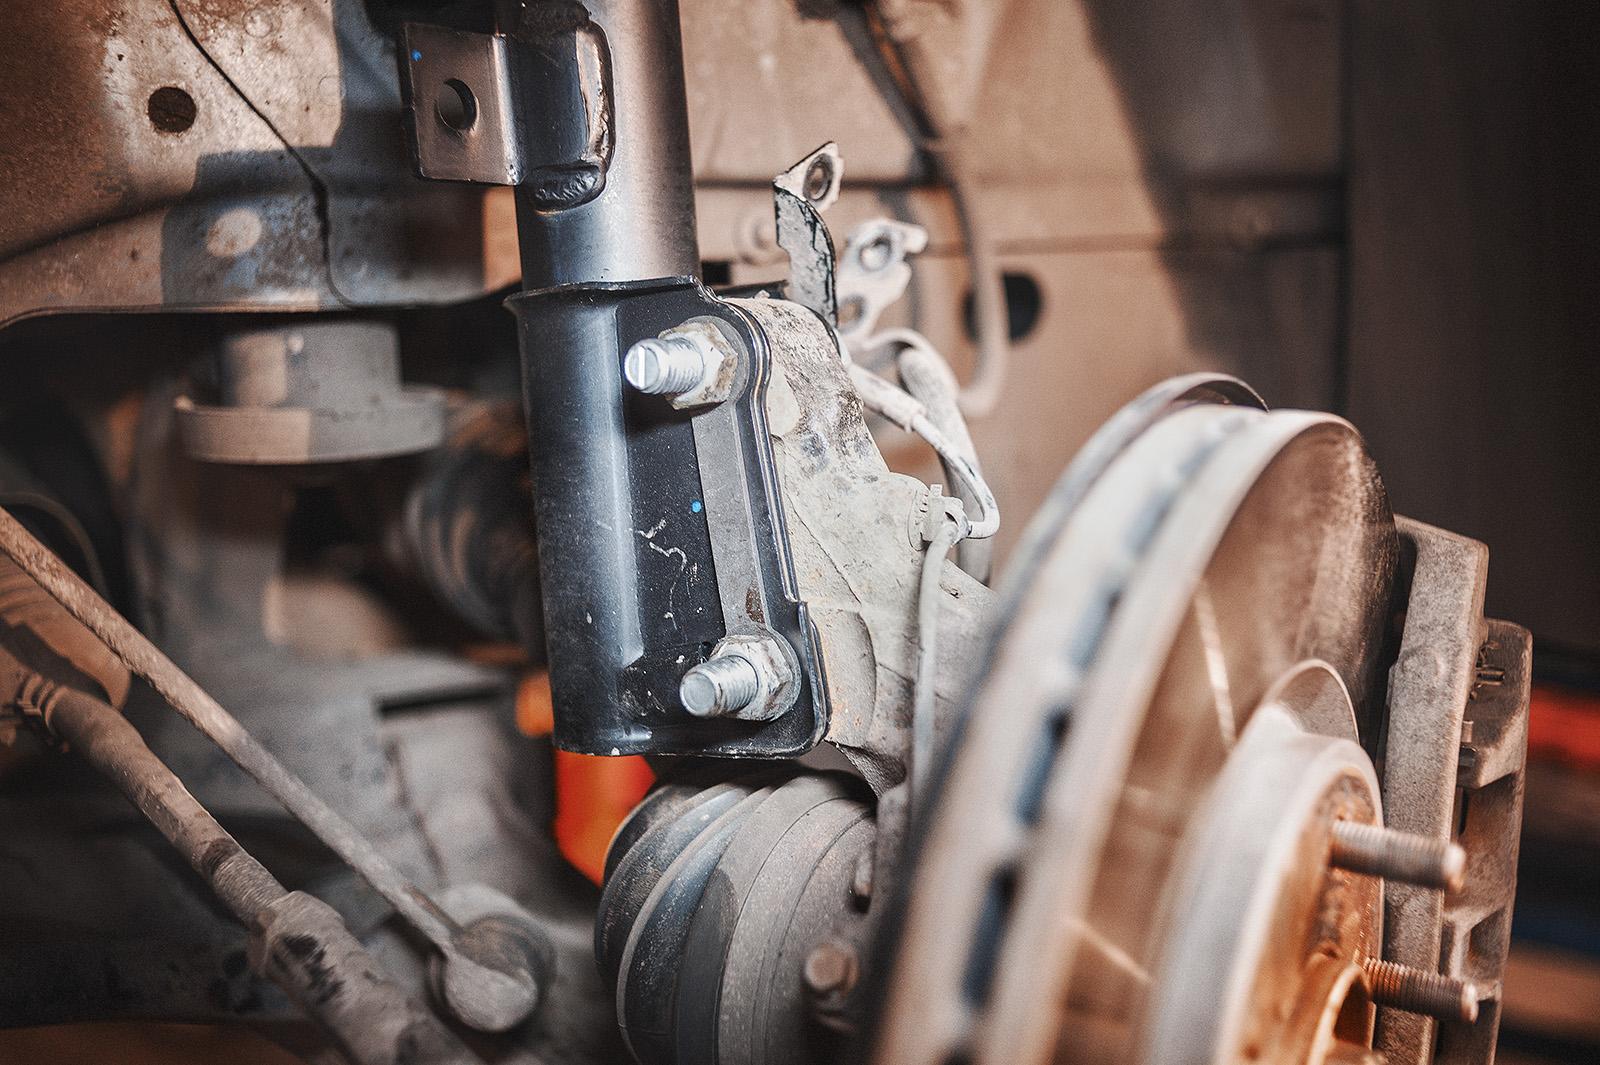 Направление установки болтов по ходу движения автомобиля